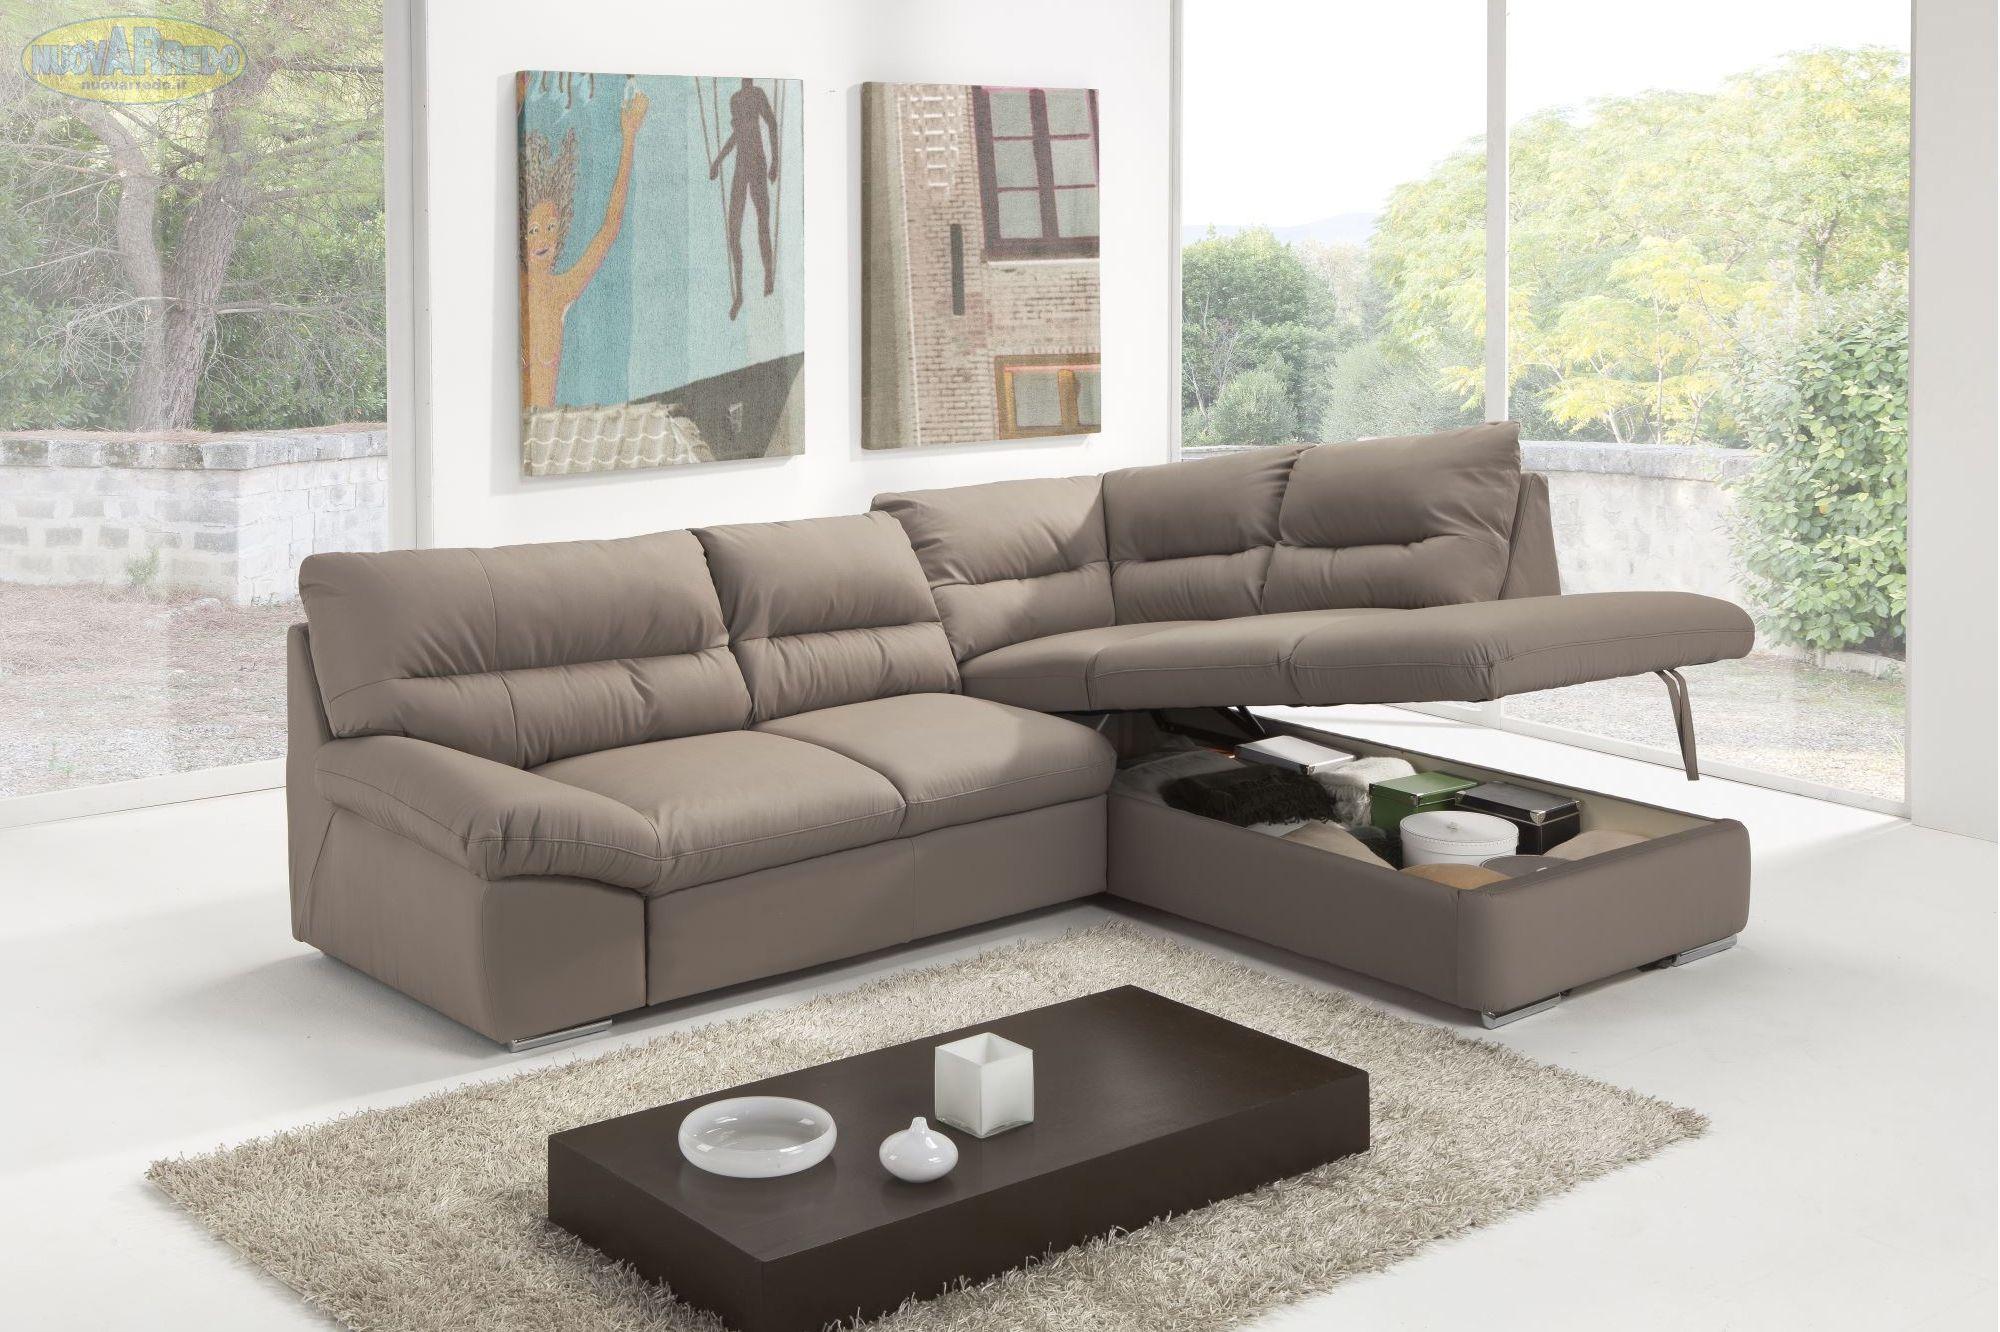 Prezzo 899 divano angolare in ecopelle argento con - Dimensioni divano angolare ...